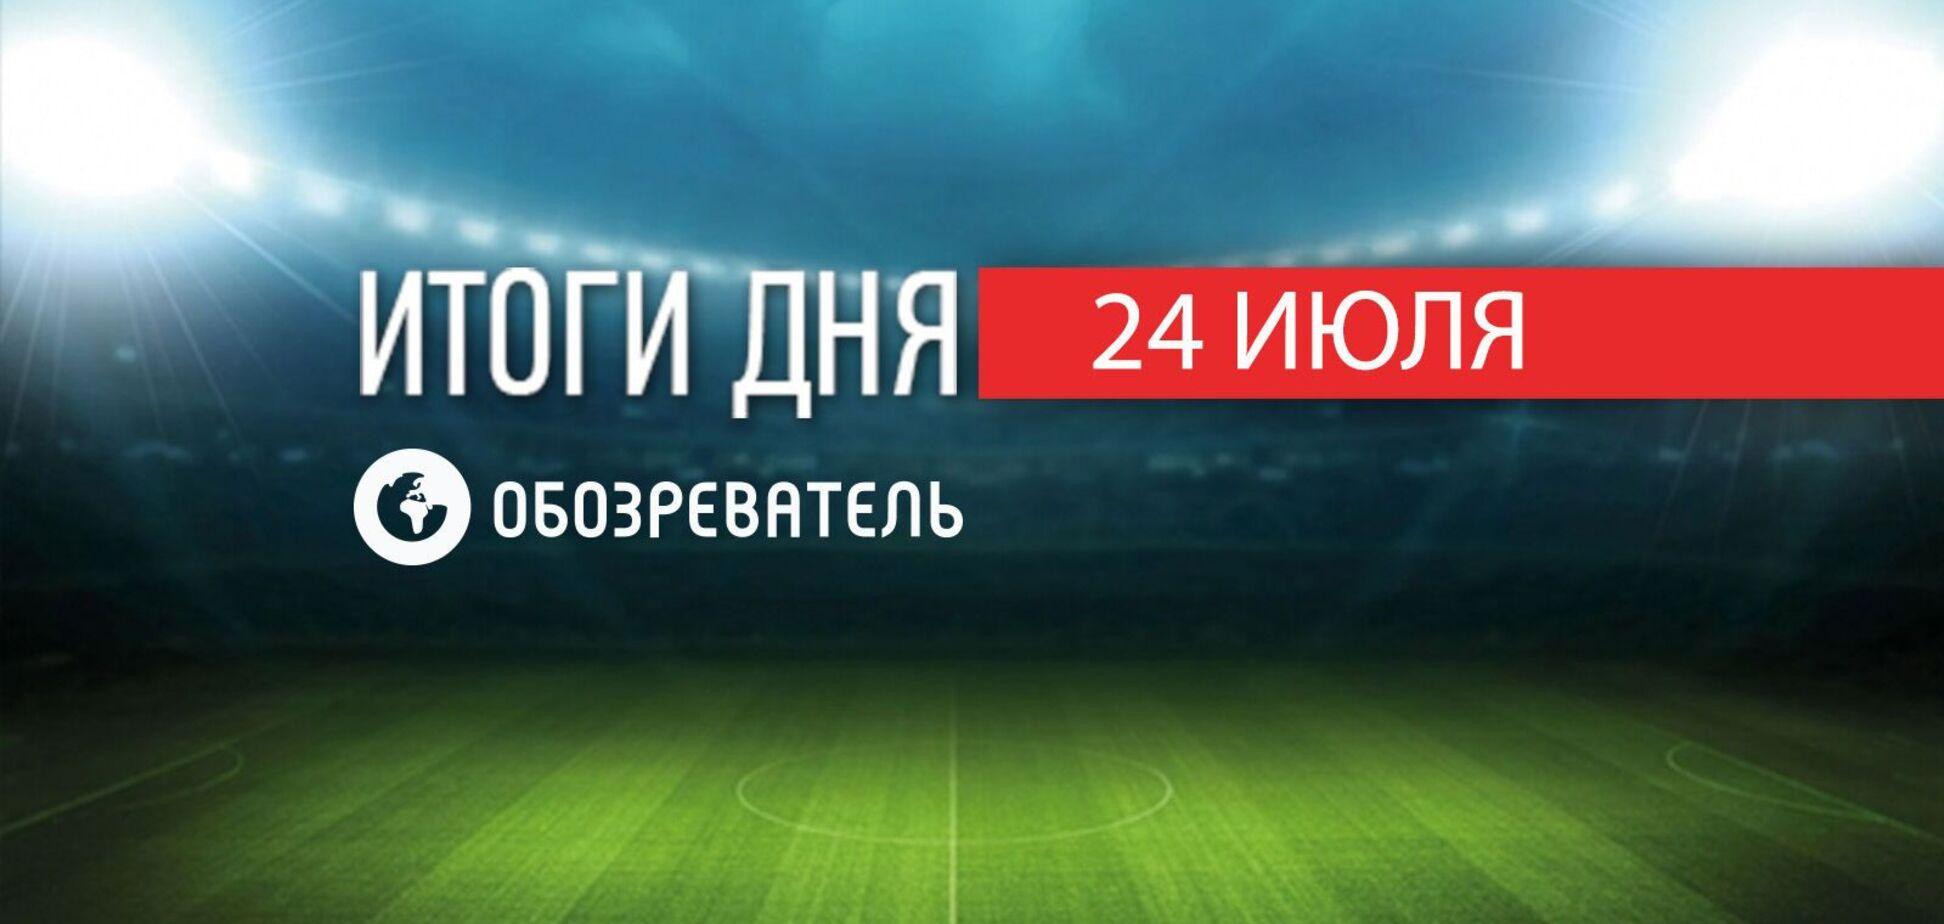 Украина взяла медаль на Олимпиаде: новости спорта 24 июля